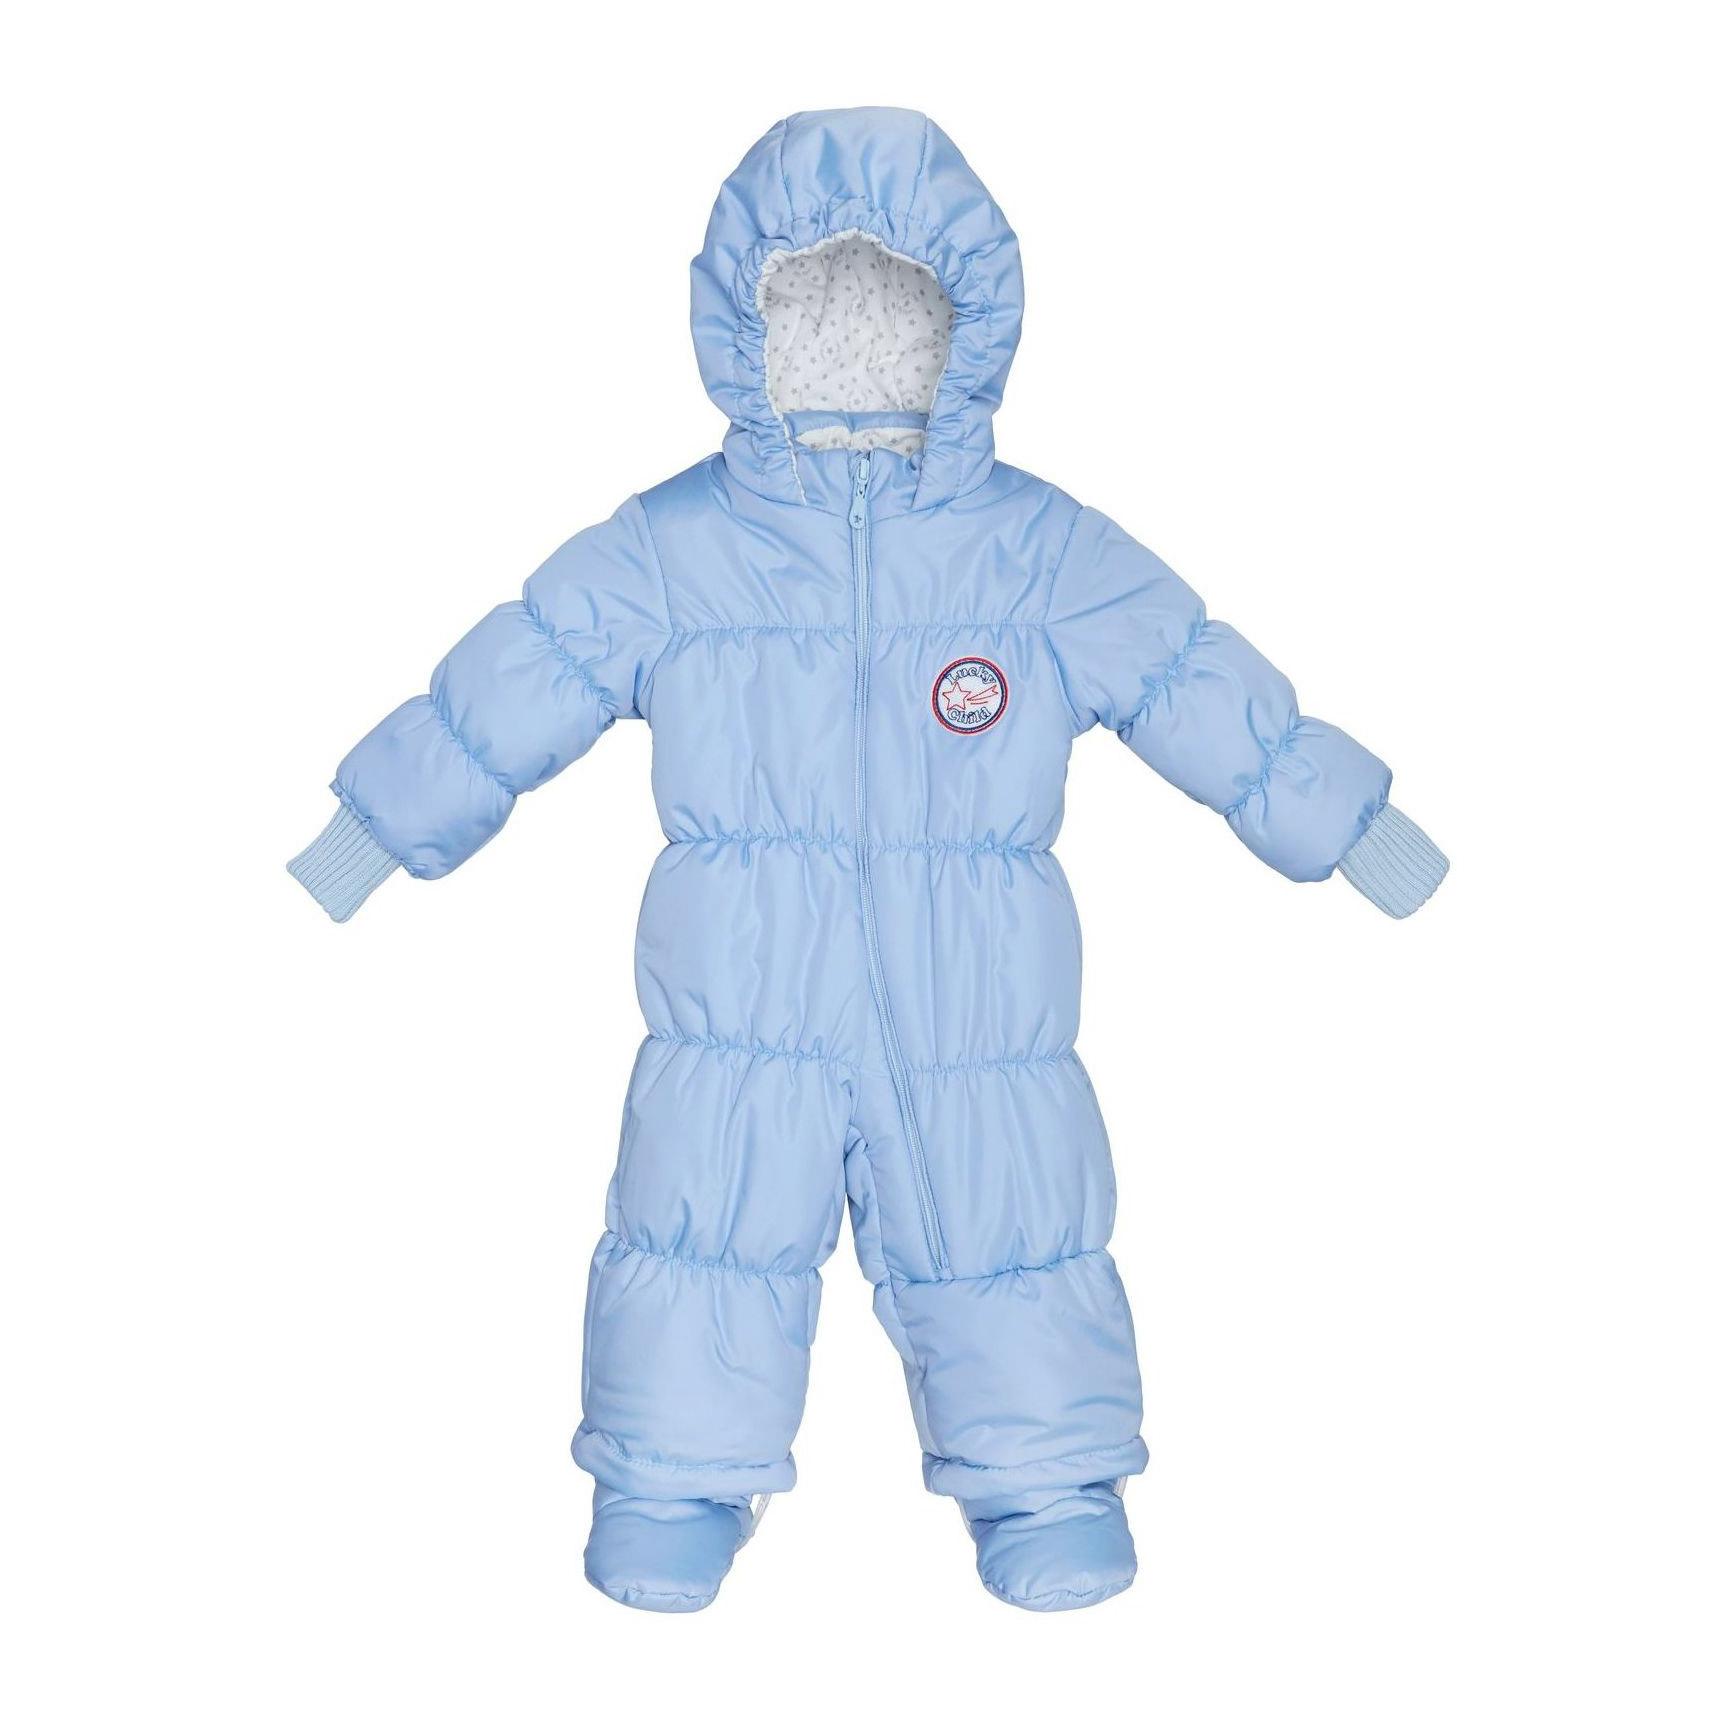 Зимний комбинезон Lucky Child голубой 68-74 зимний комбинезон lucky child молочный 62 68